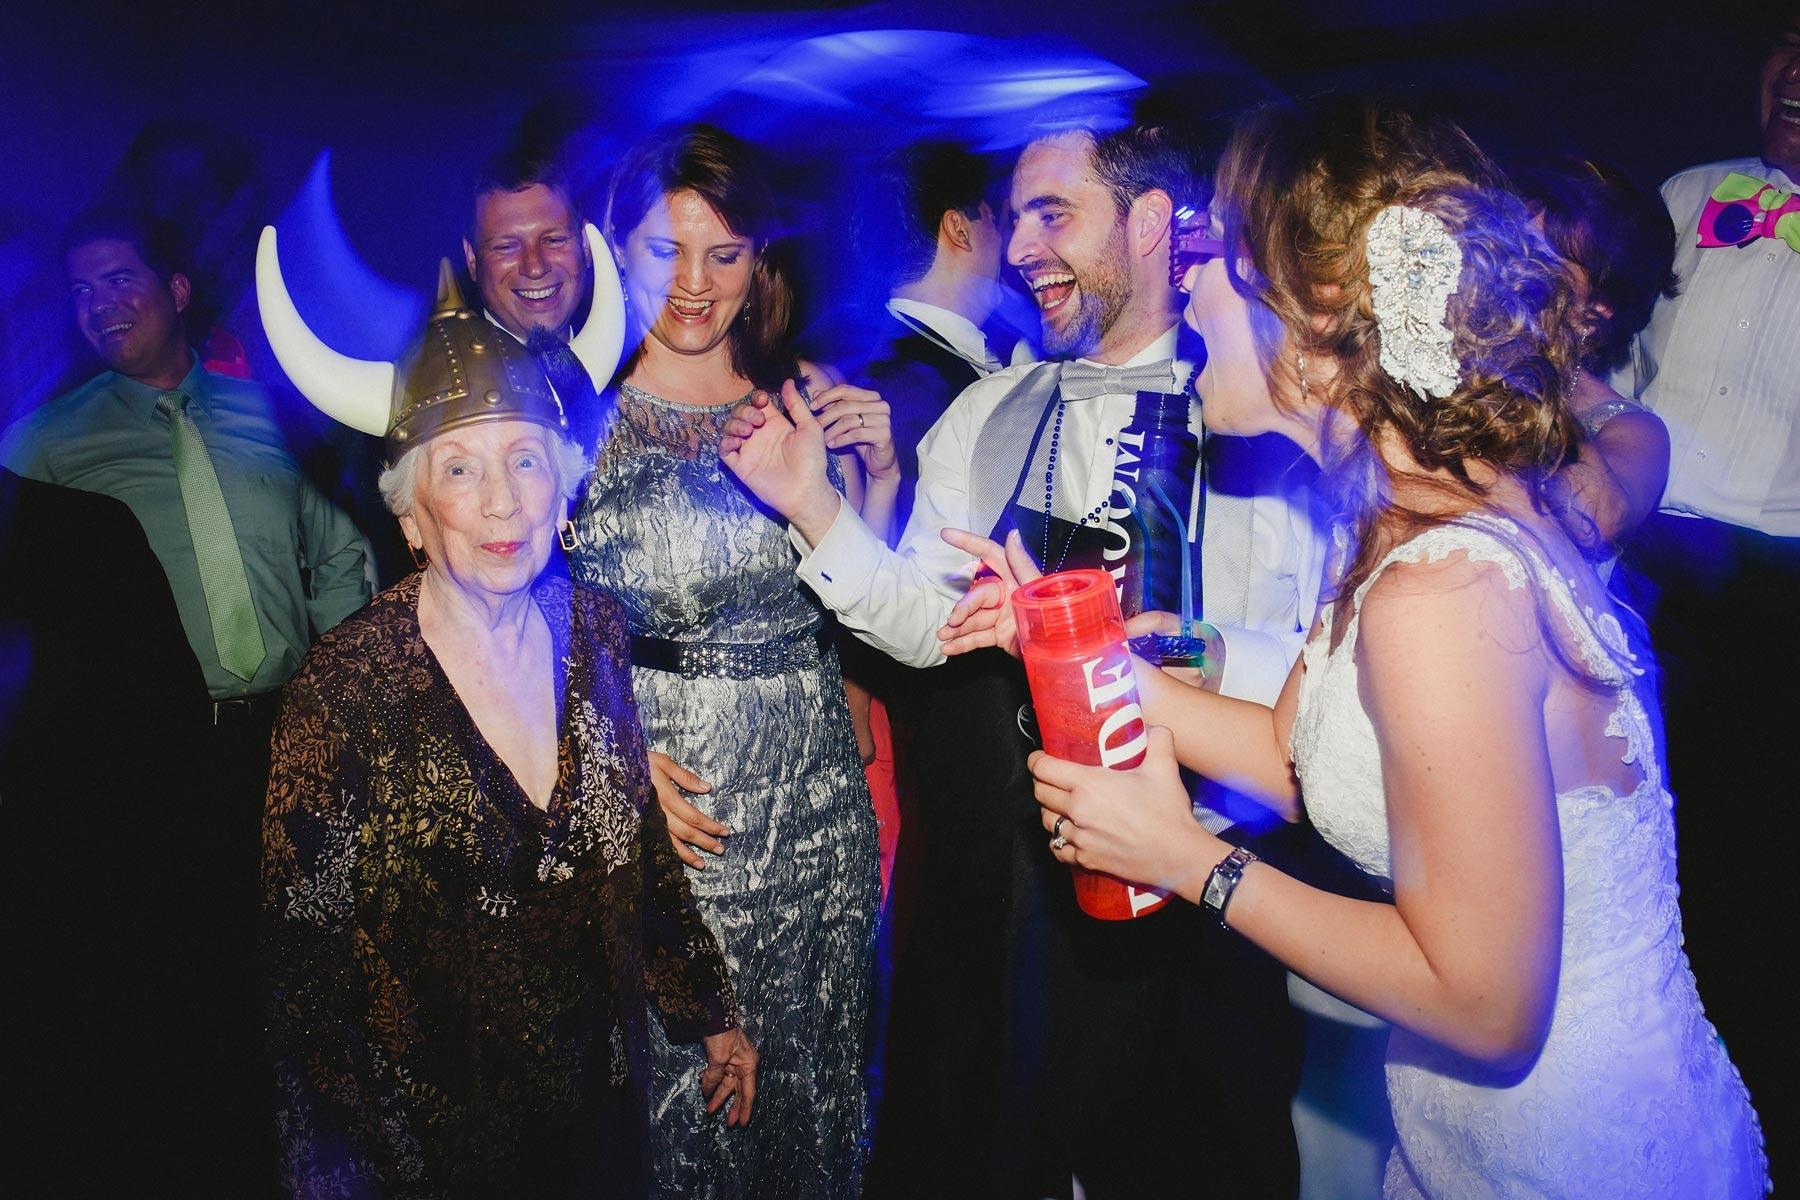 grandma at wedding party